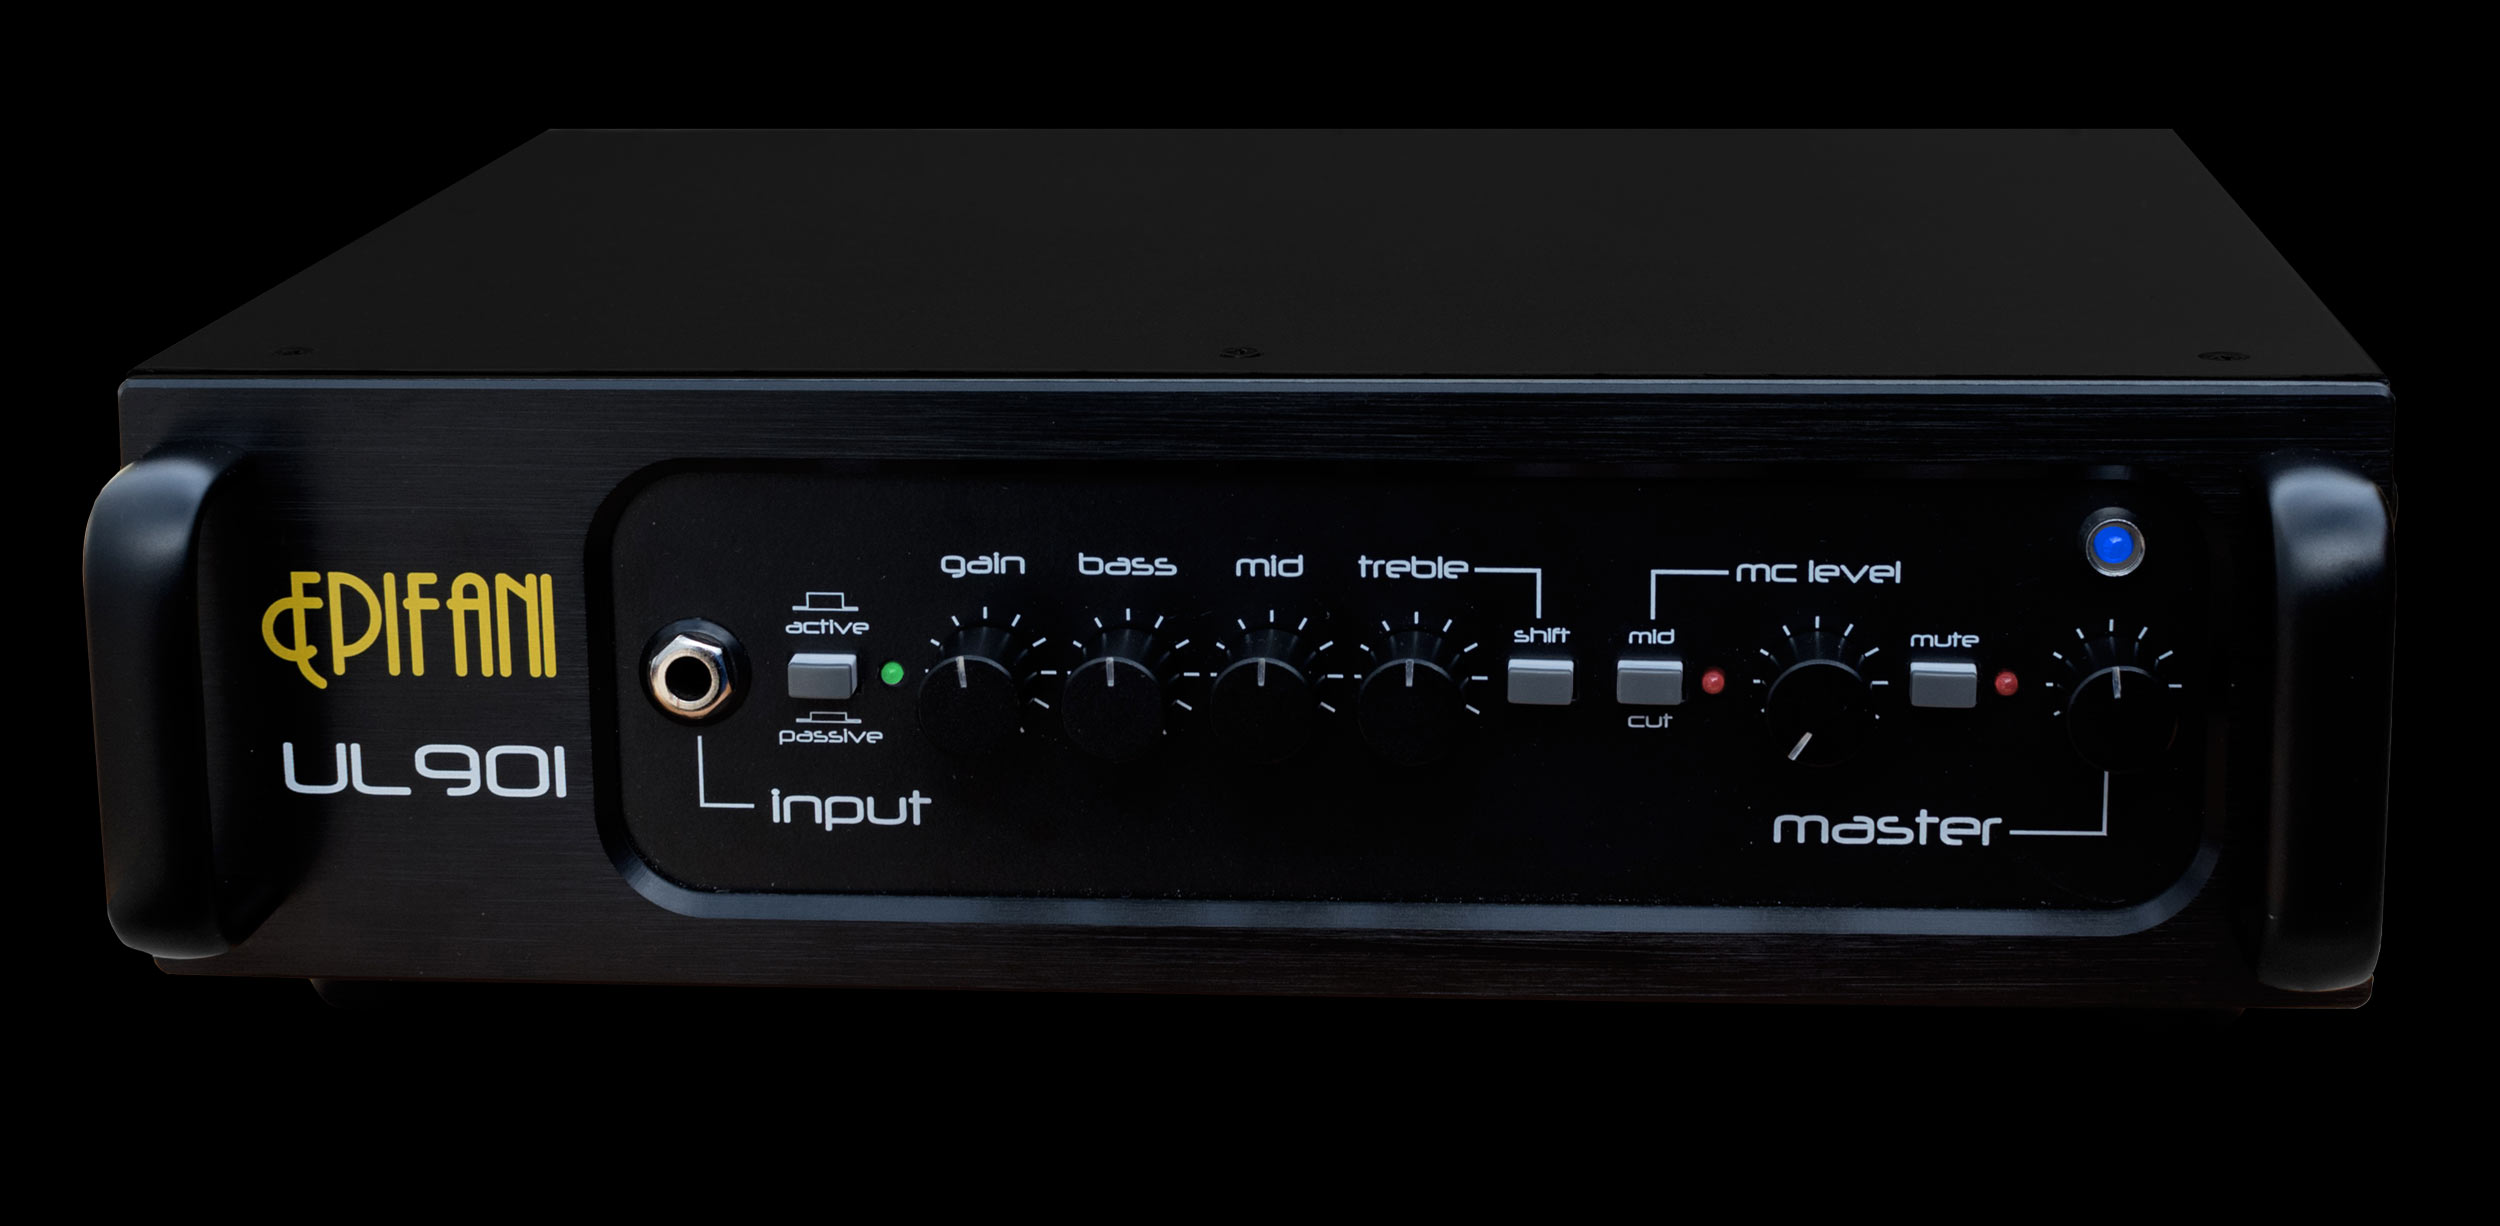 epifani-ul901-bass-amp-top.jpg